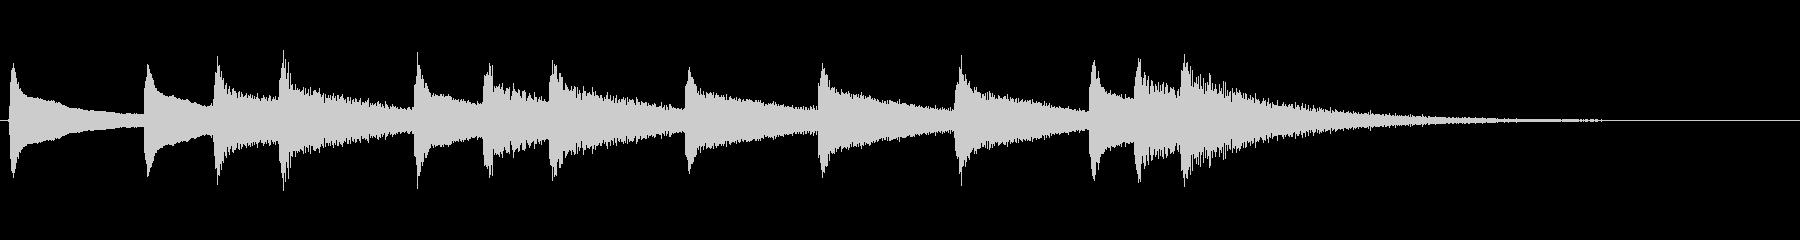 7,少し切ないサウンドロゴ (3秒ロゴ)の未再生の波形